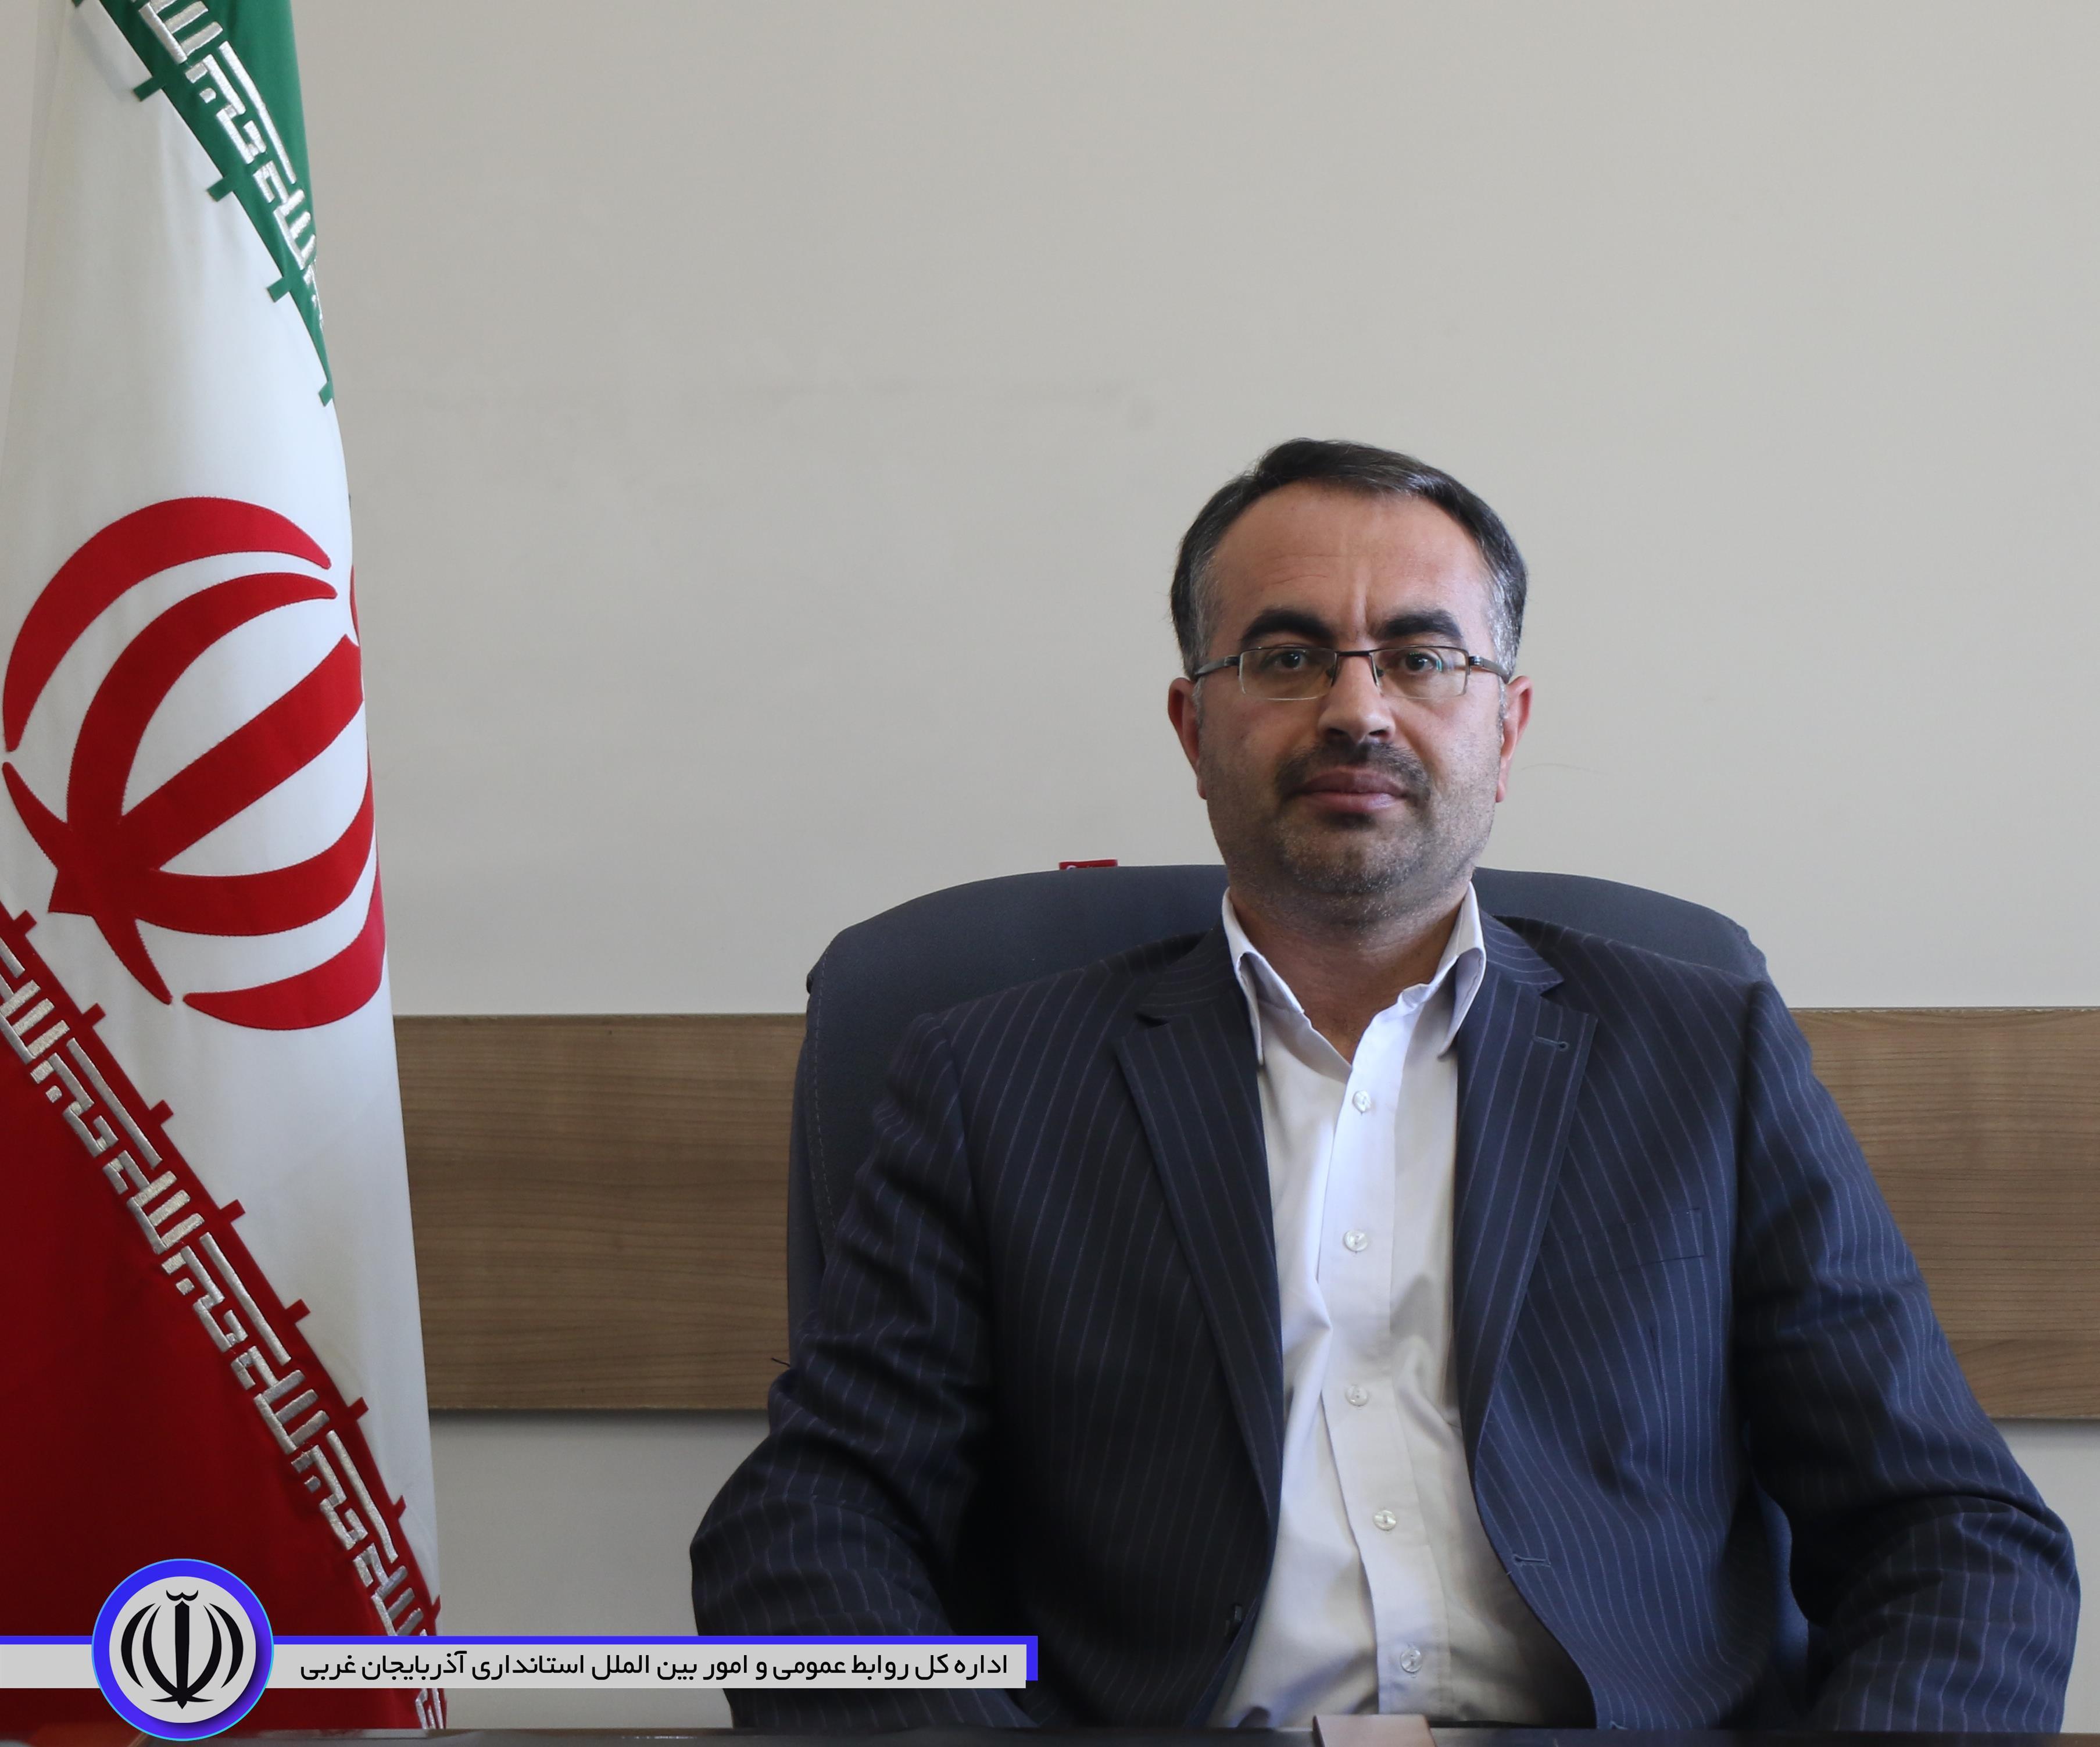 انتصاب مدیرکل بازرسی ، مدیریت عملکرد و امور حقوقی استانداری آذربایجان غربی